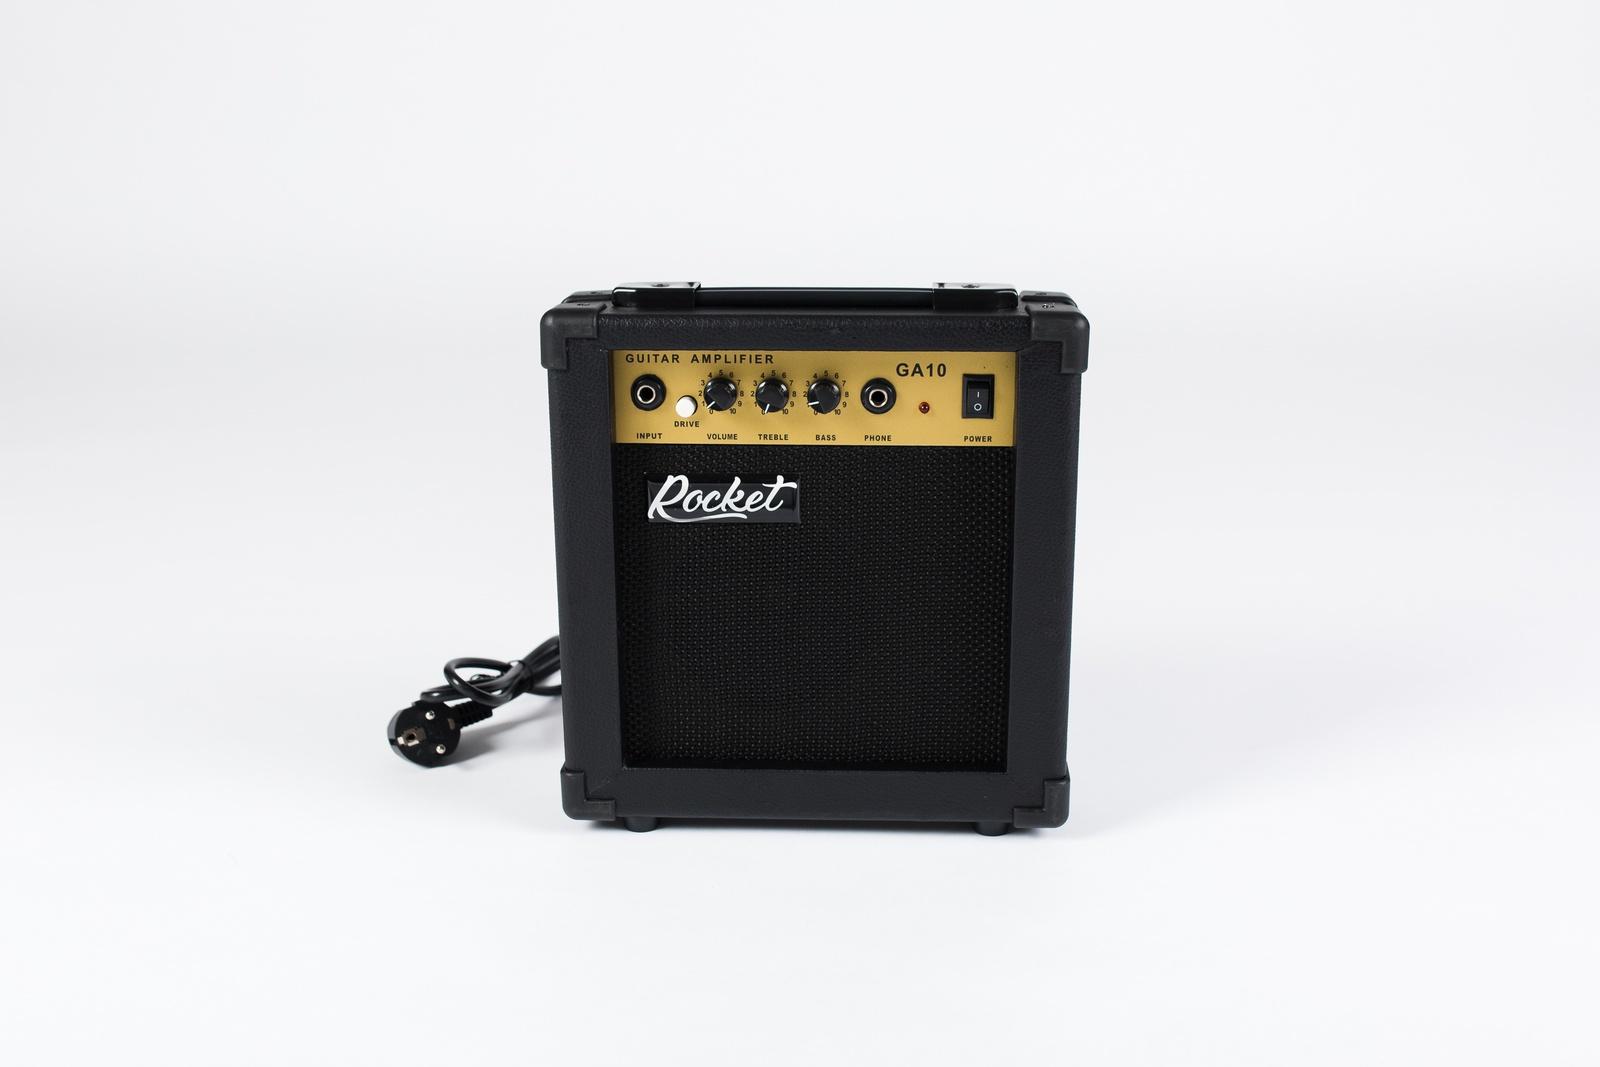 RockEt GA-10 - Гитарный комбоусилитель, 10Вт